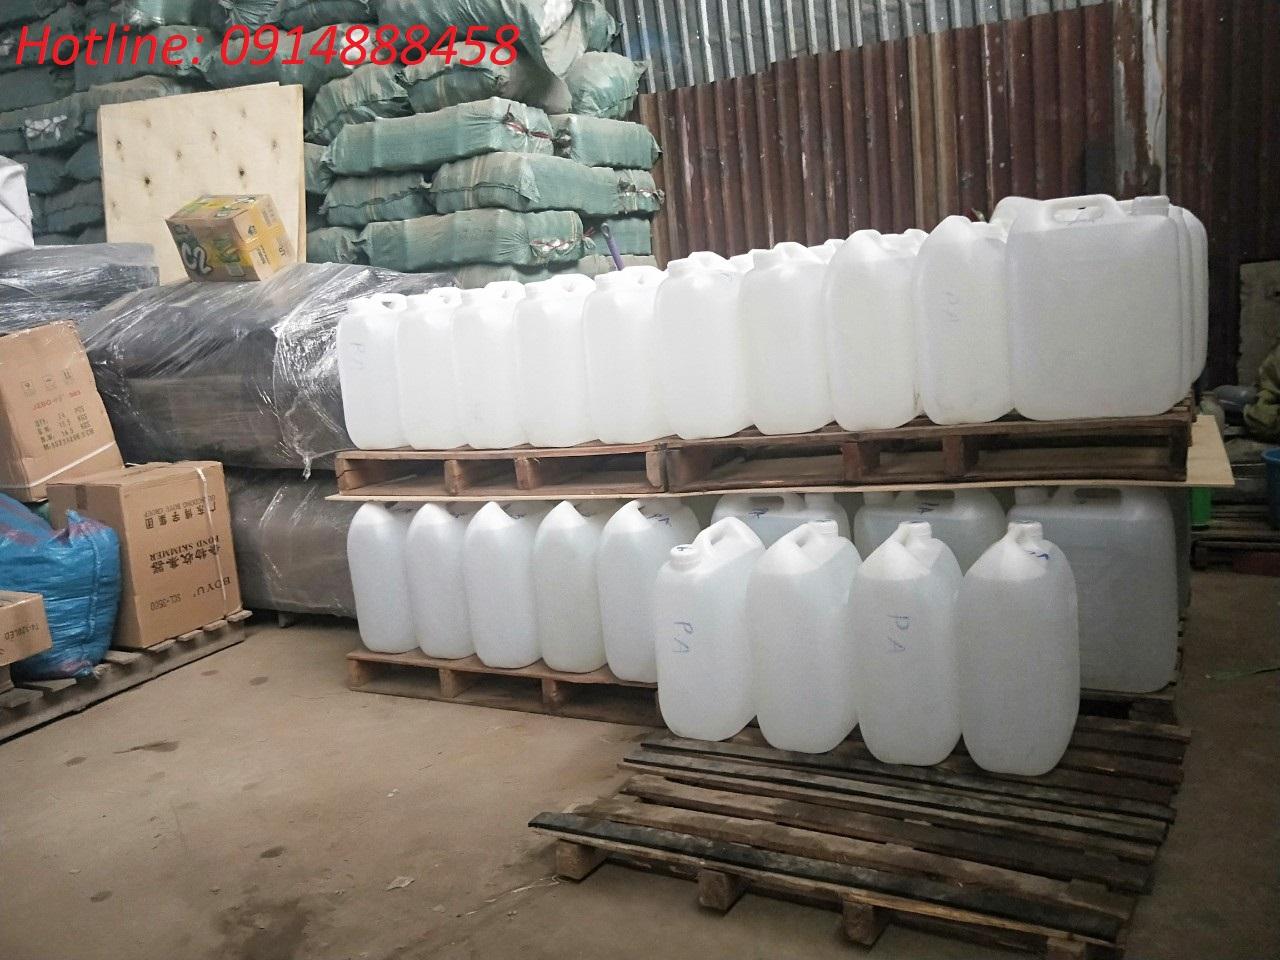 Nhà xe gửi hàng hóa chất từ Hà Nội đi Viêng Chăn